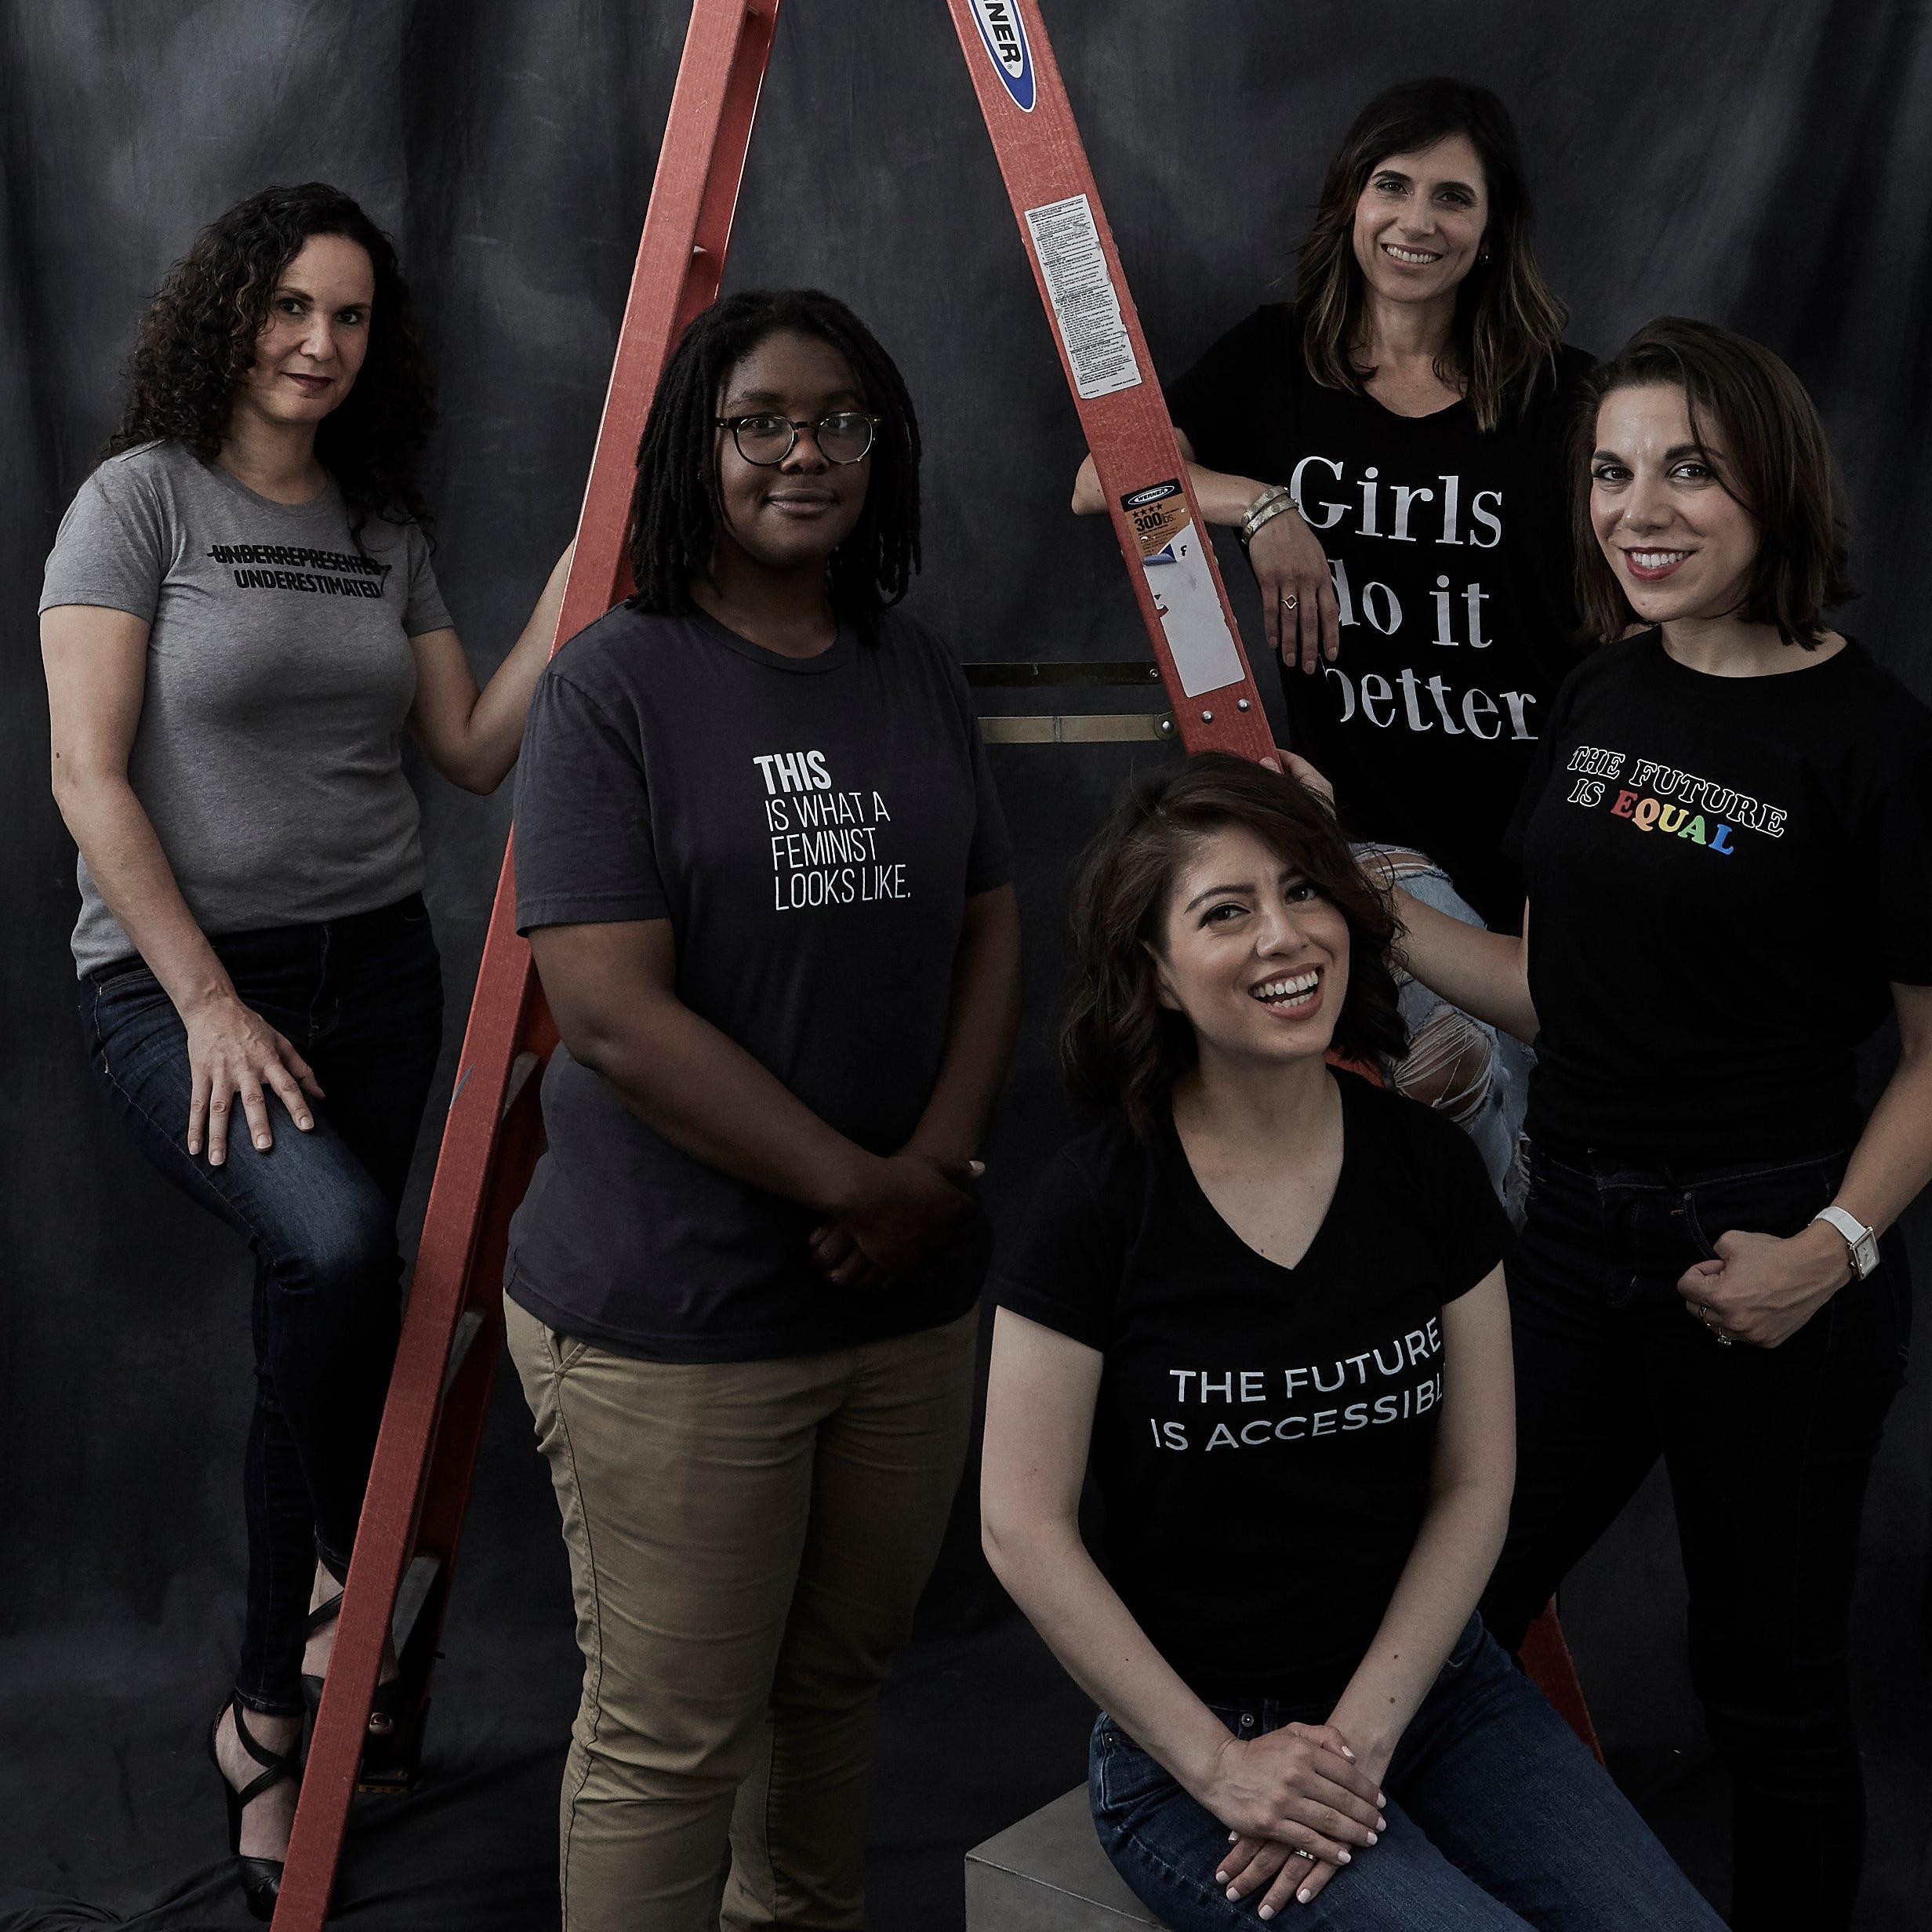 #TimesUpforVCs:  Pipeline Angels challenges inequity in venture capital funding